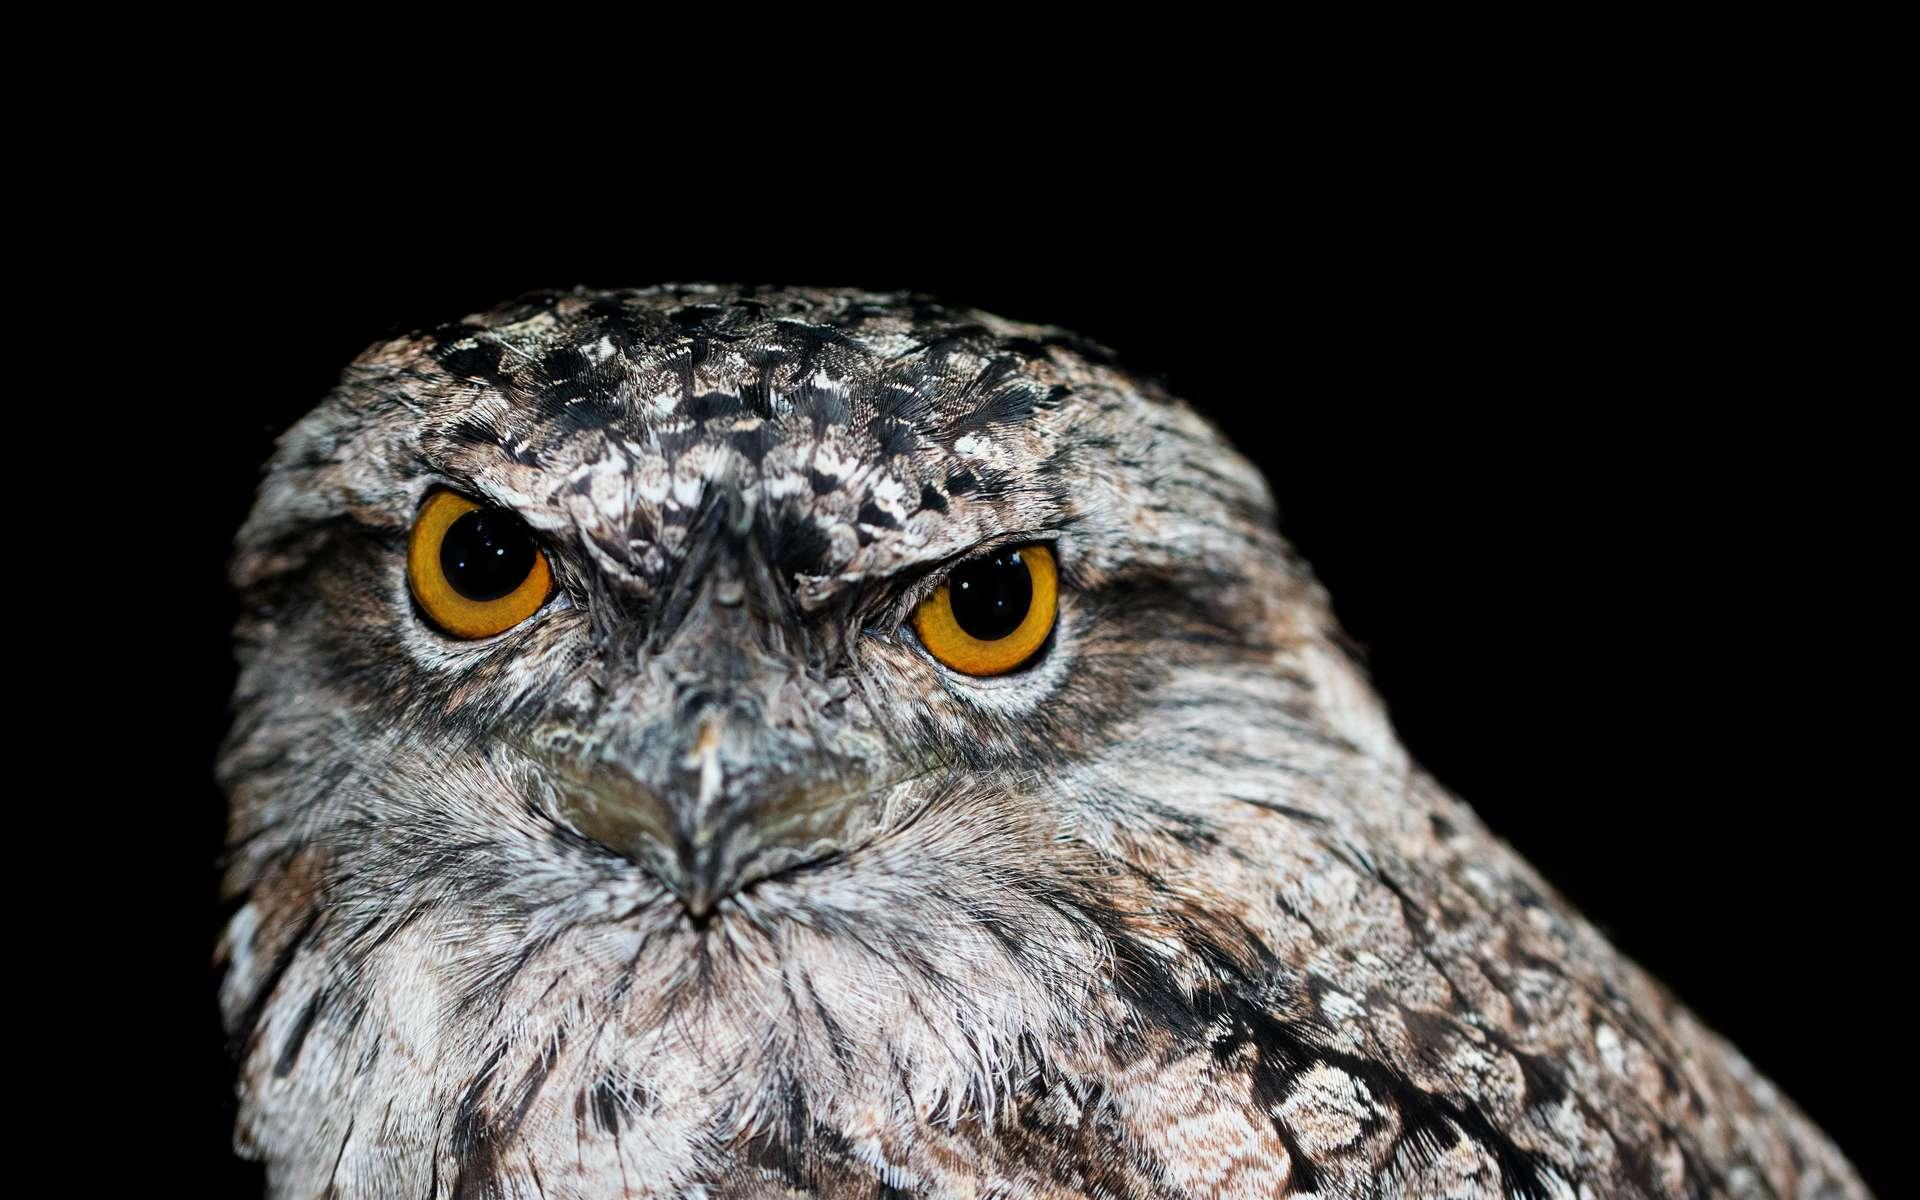 La podarge est l'oiseau le plus photogénique sur Instagram. © David Clode, Unsplash